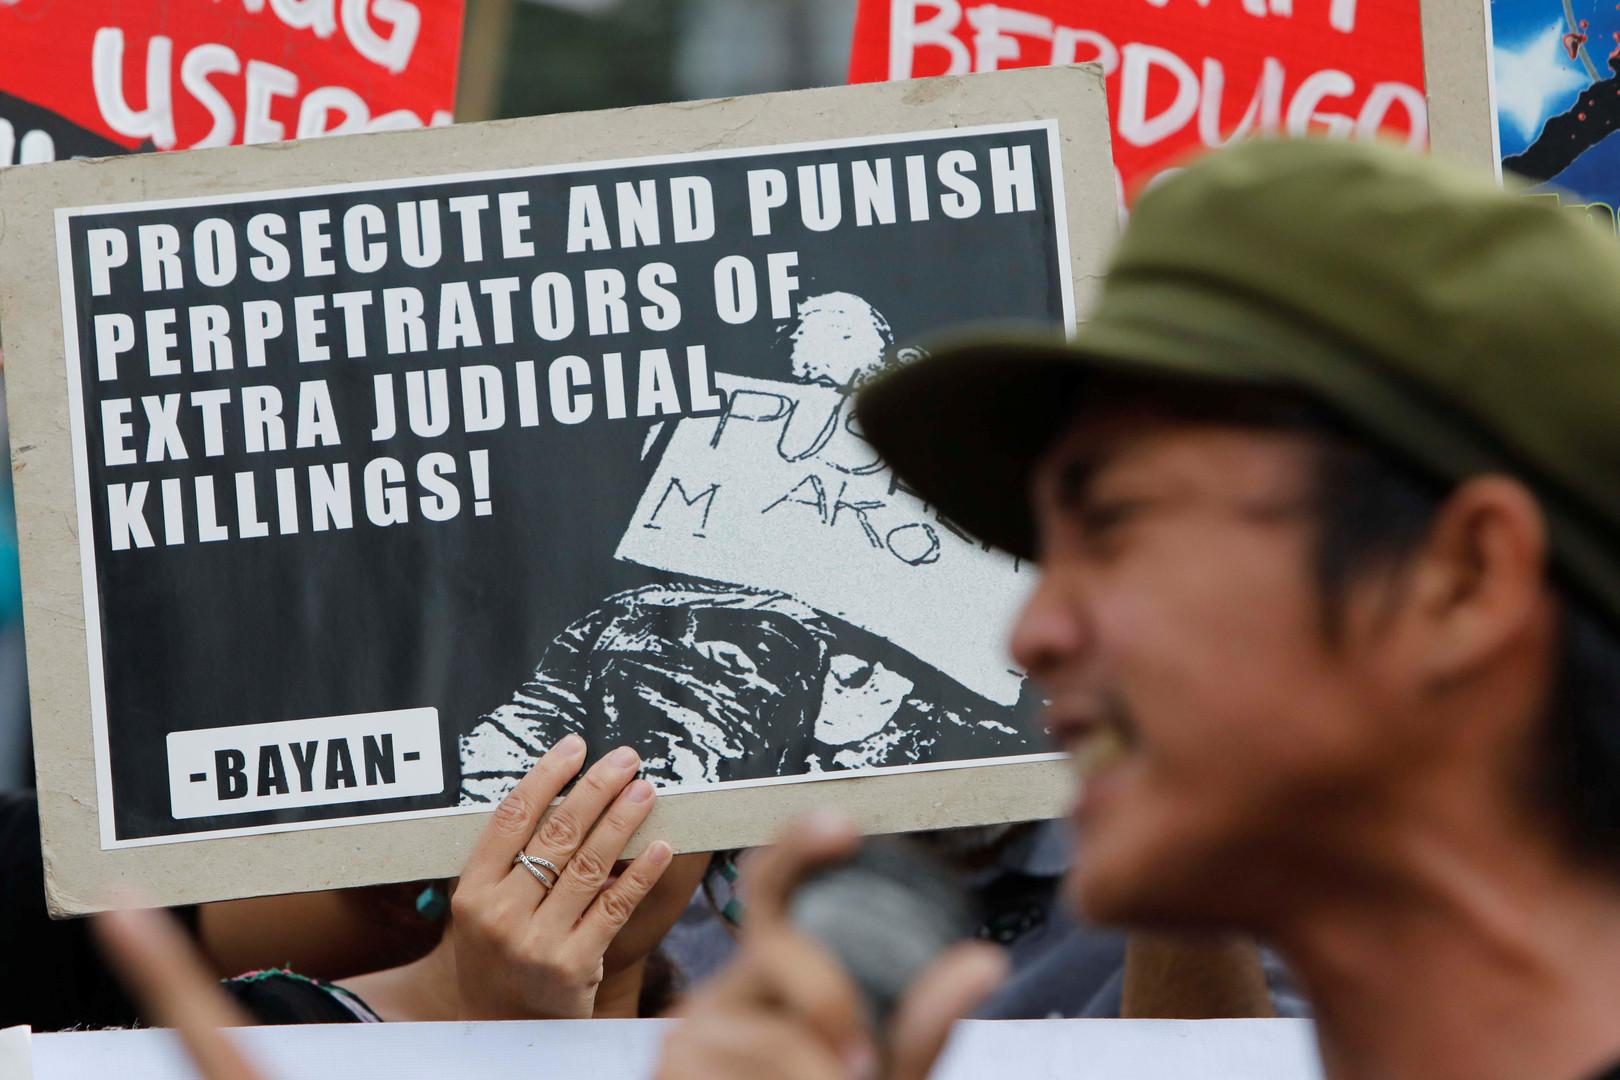 مطالبات بتحقيق أممي في مقتل آلاف في حرب الفلبين على المخدرات